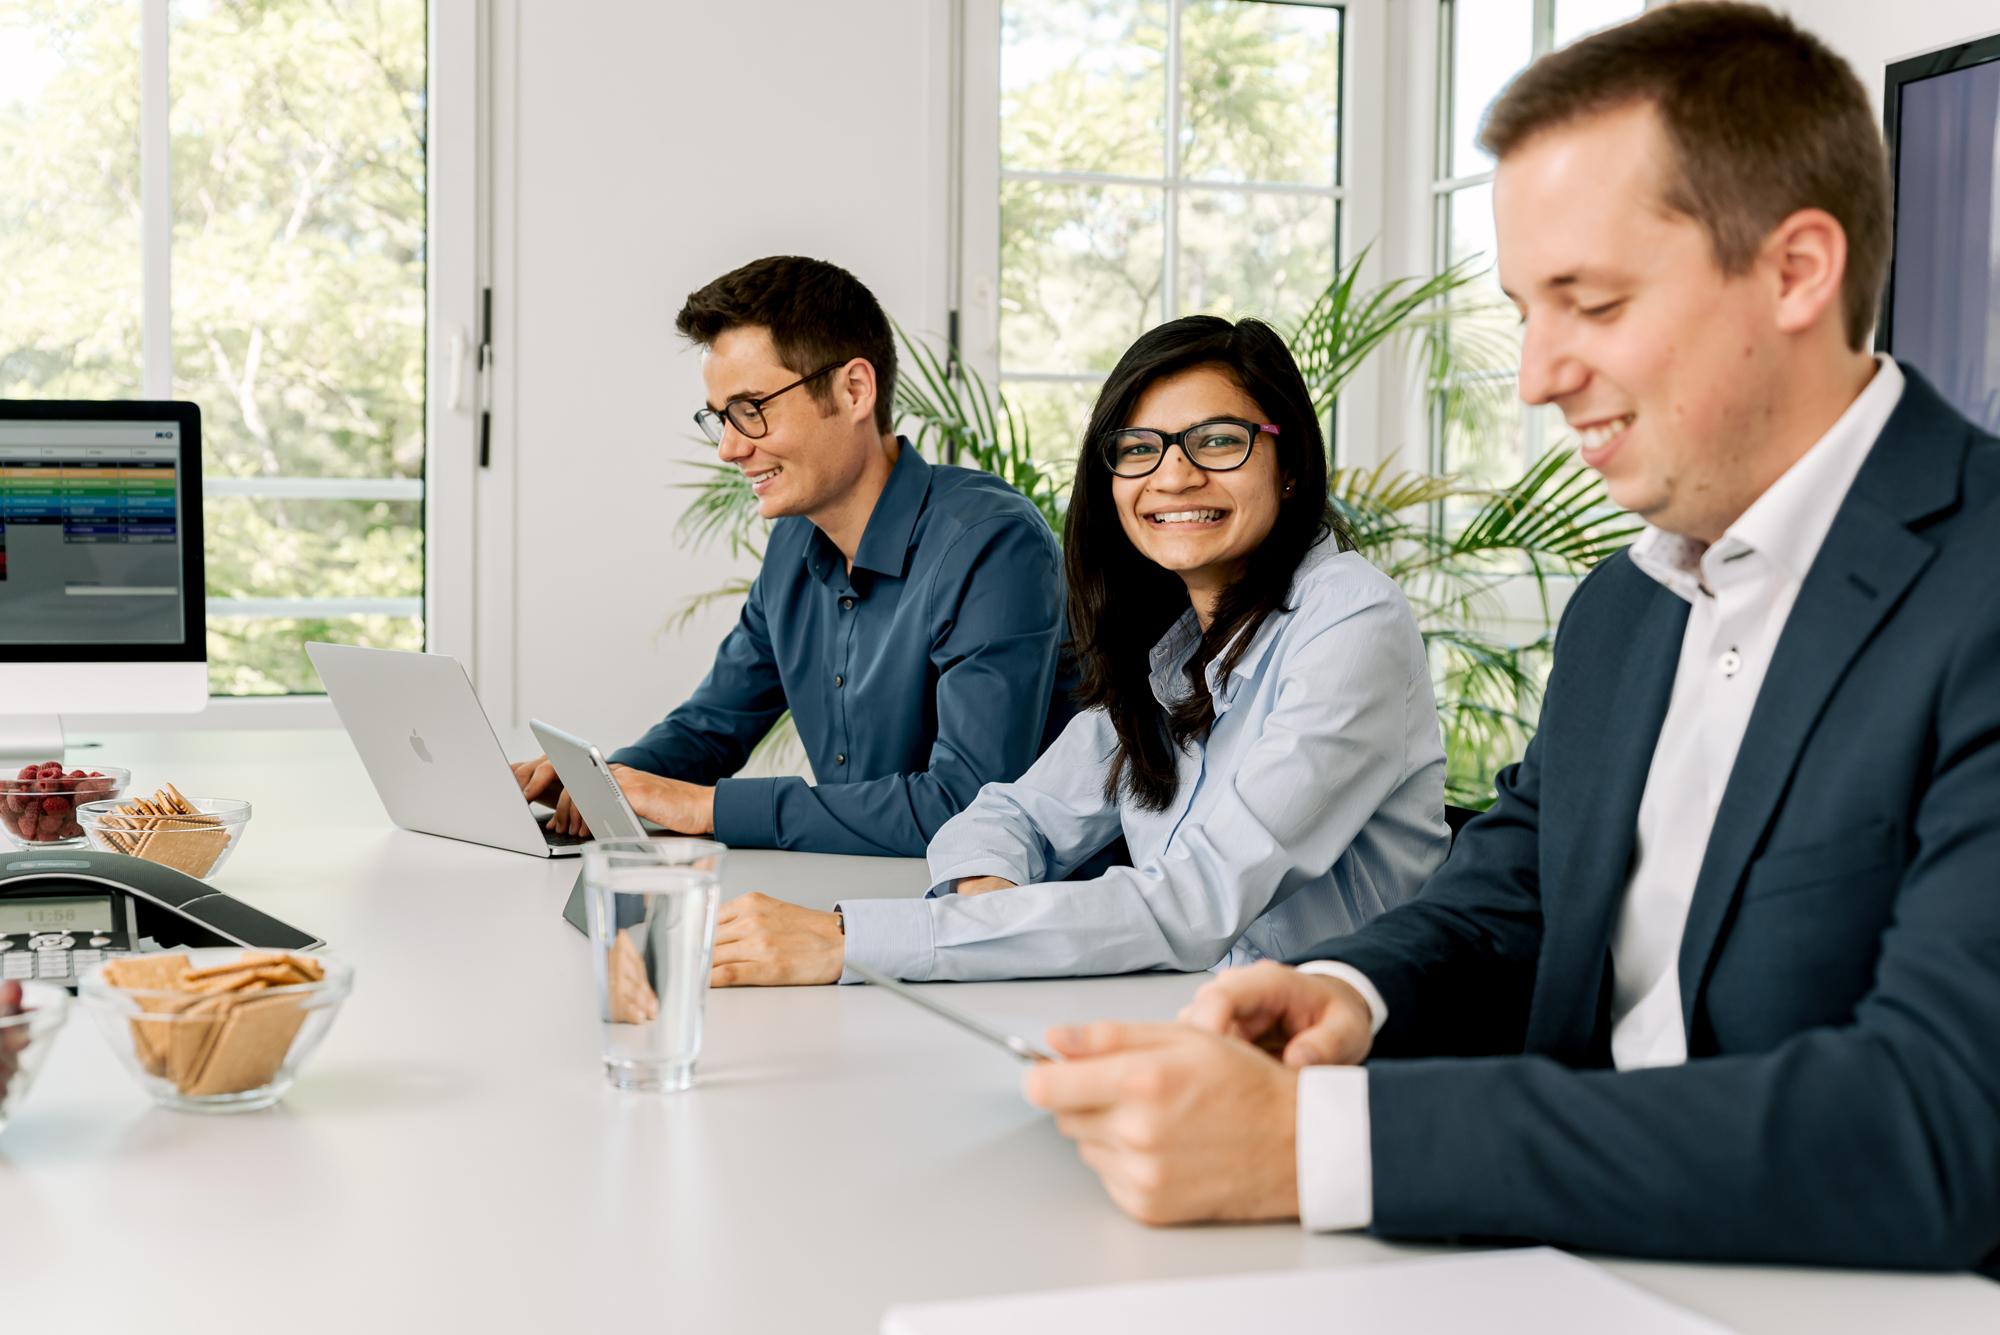 Career bei MSO – Job Openings